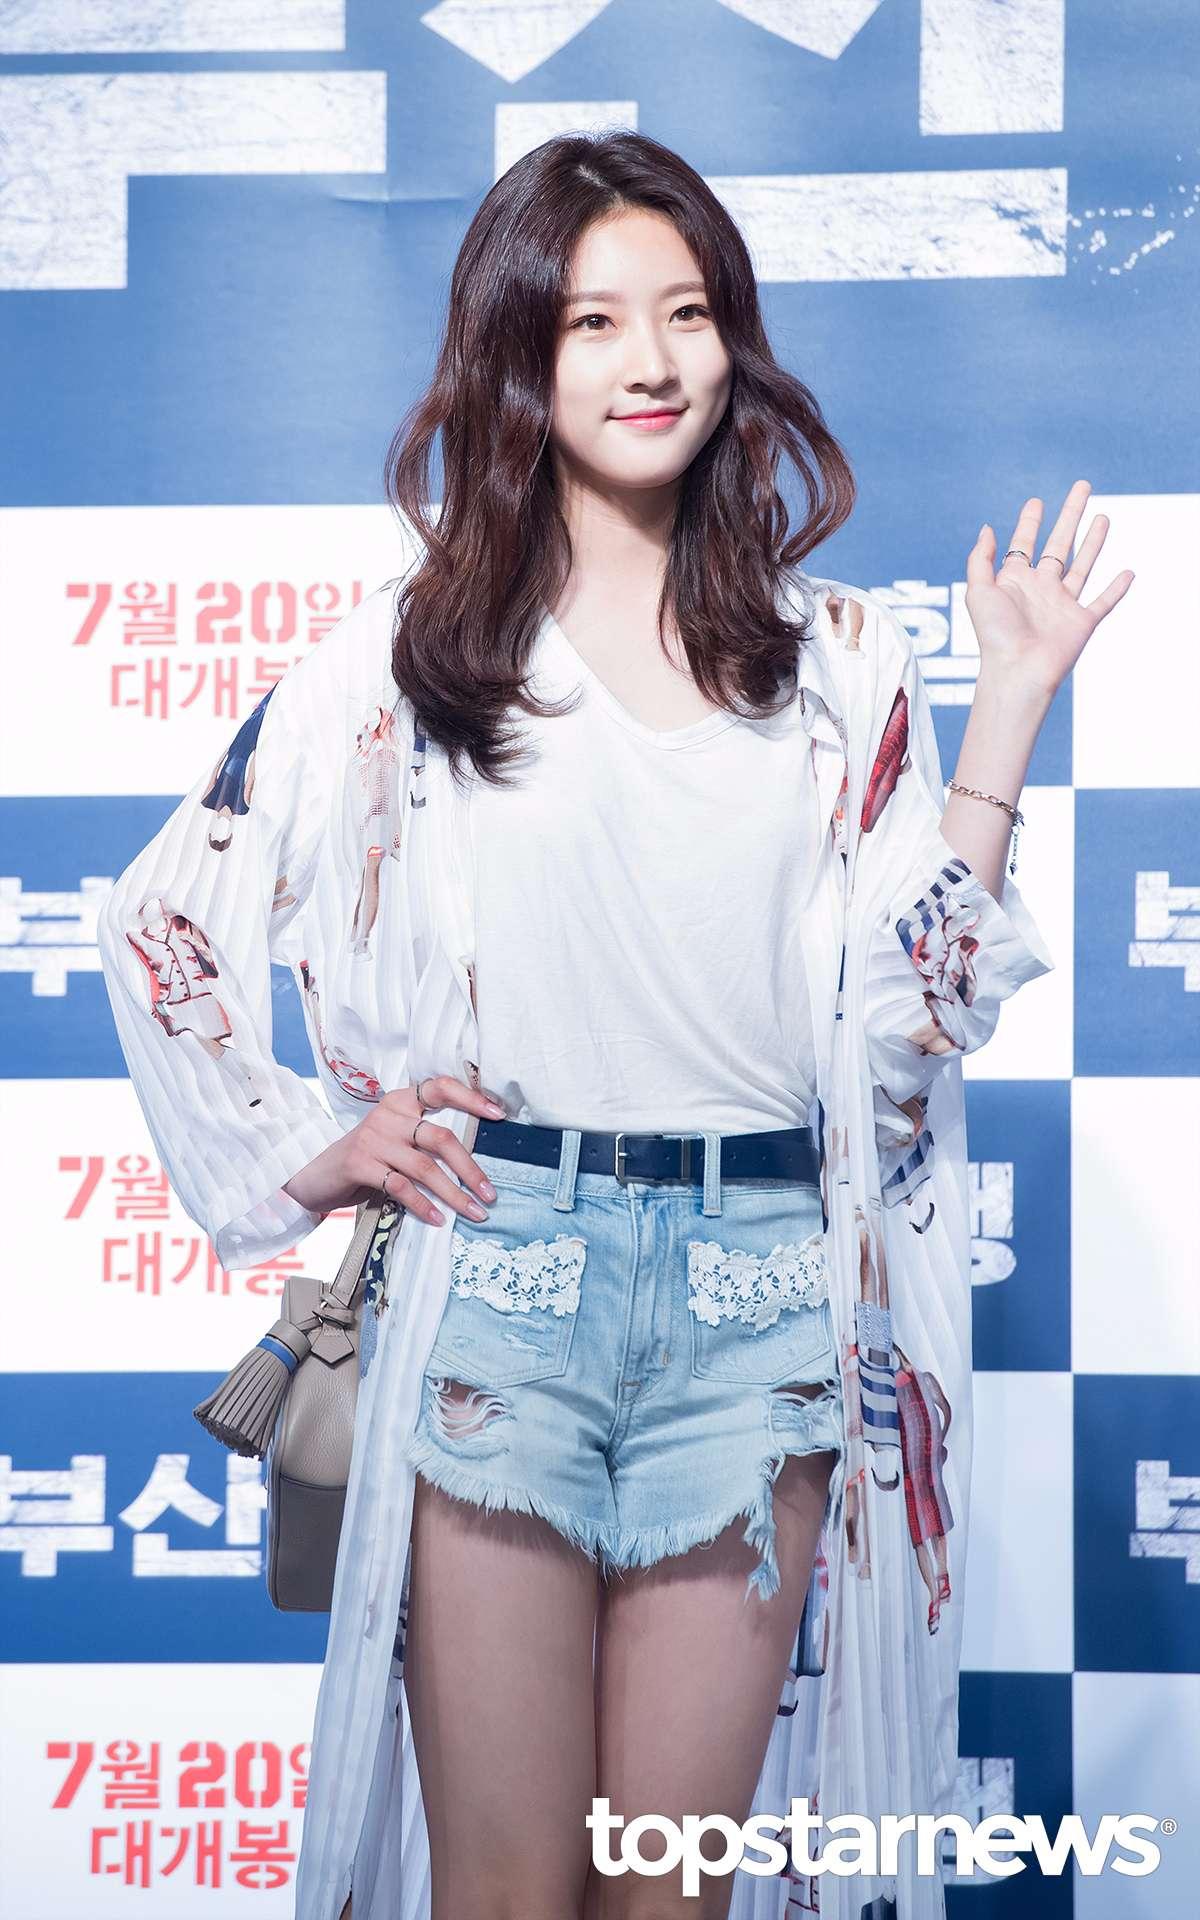 童星出身的金賽綸今年才要滿16歲,在這小小年紀已經參與過多部電視劇、電影的演出,有多樣的演藝經驗,也得過不少獎項,被視為韓國新一代女演員代表之一